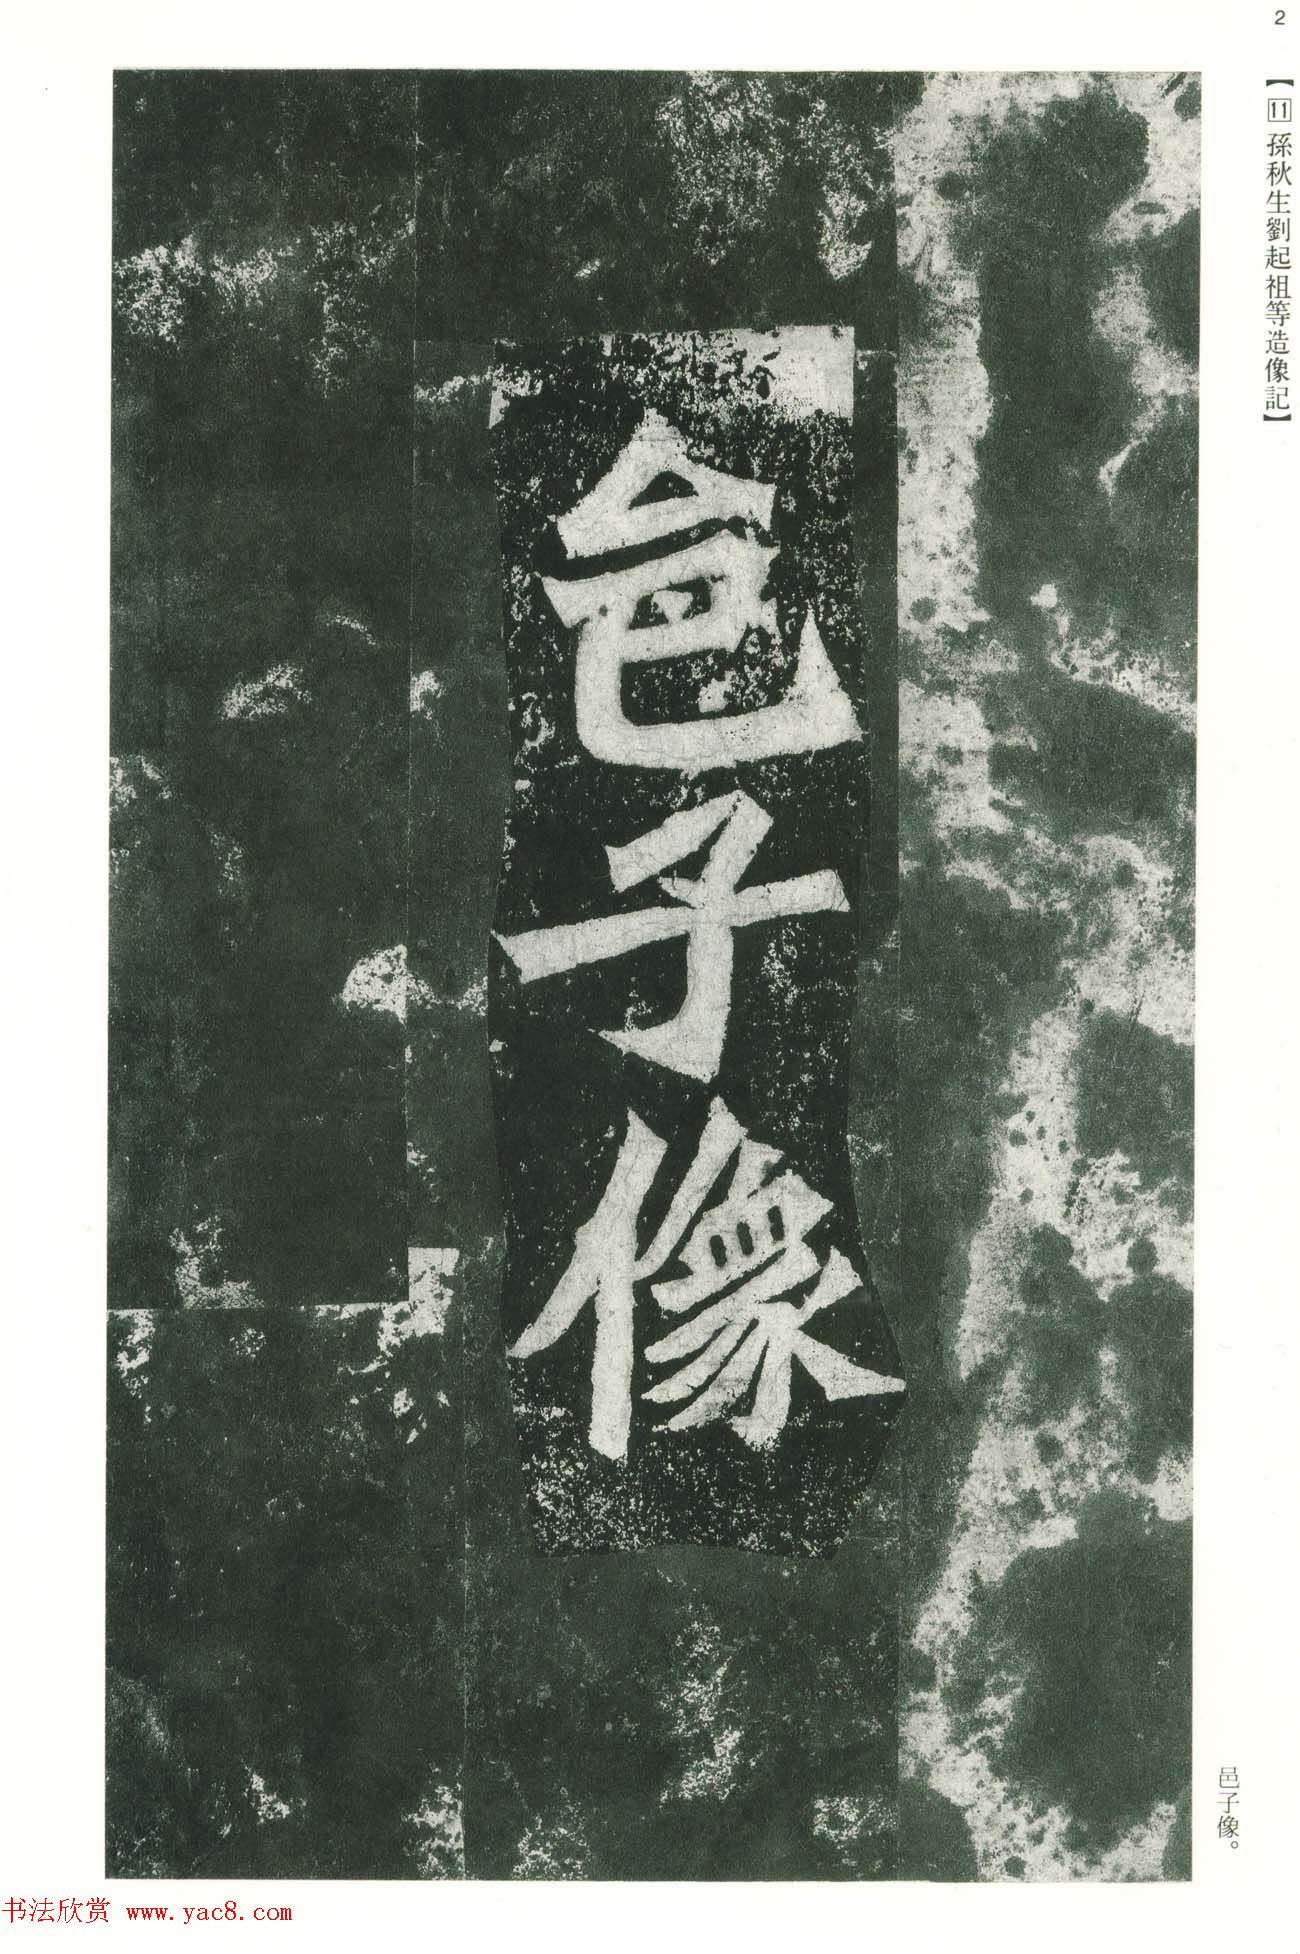 魏碑书法精品《龙门二十品》下册二玄社版